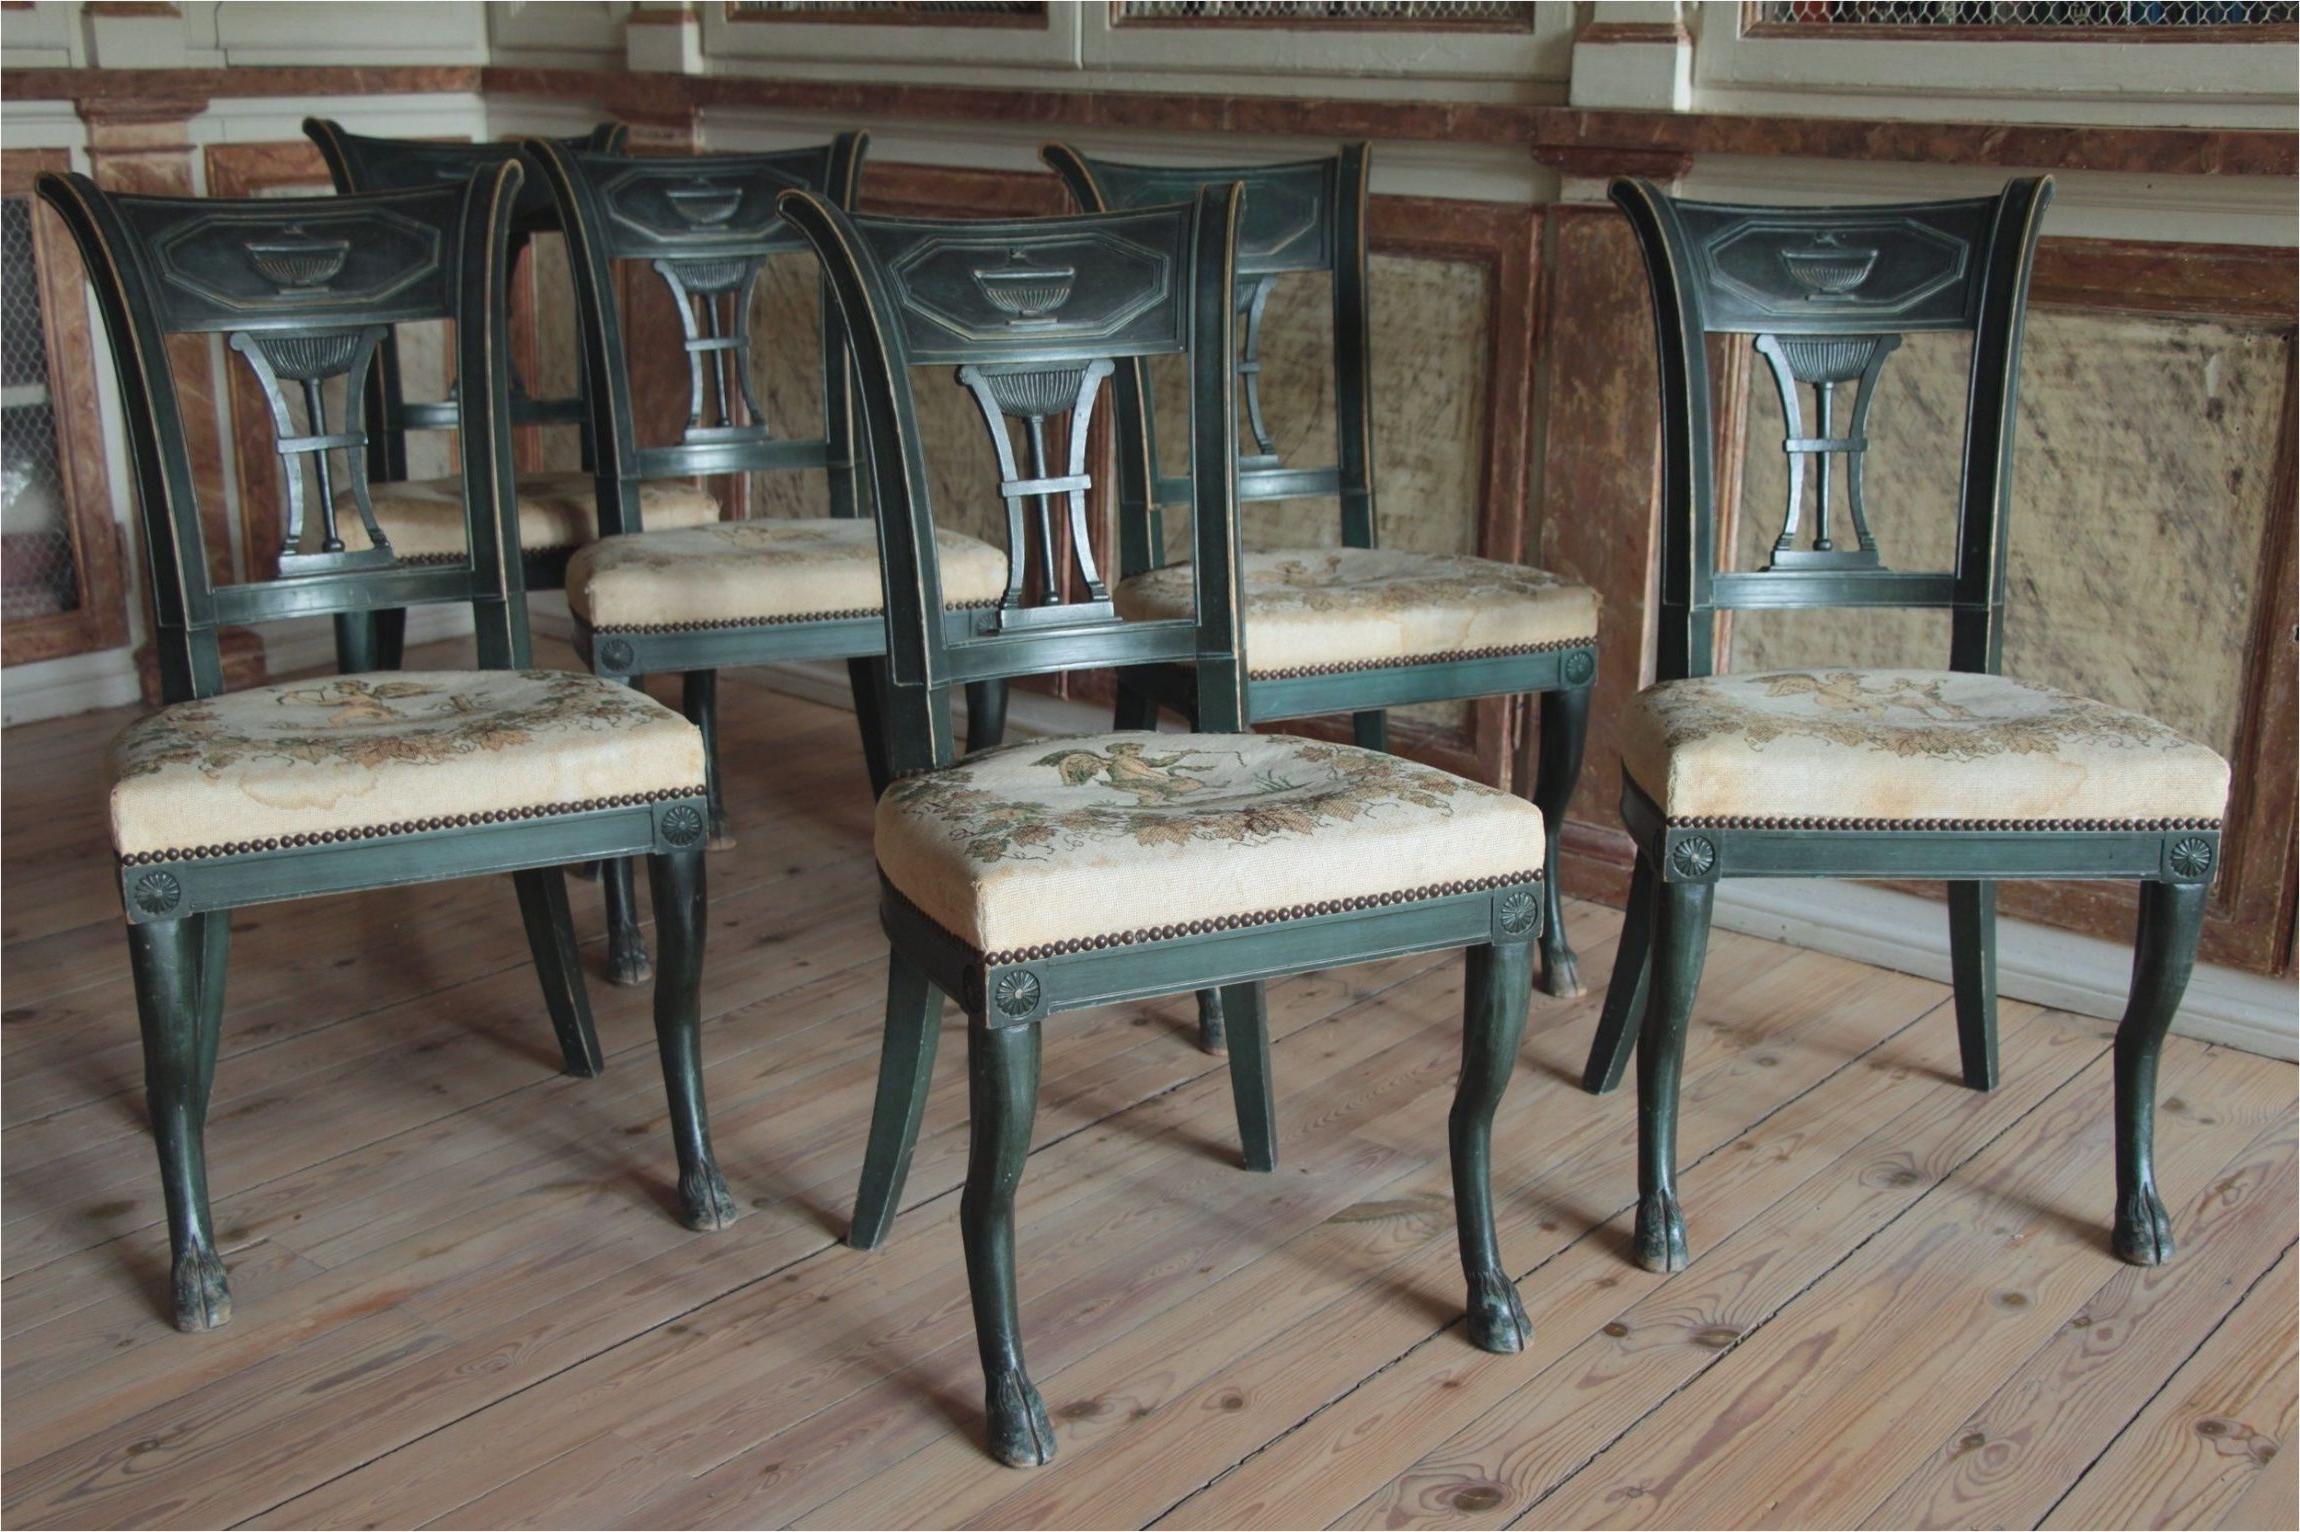 Donde Vender Muebles Usados En Madrid Drdp Donde Vender Muebles Usados En Madrid Hermoso Imagenes Muebles